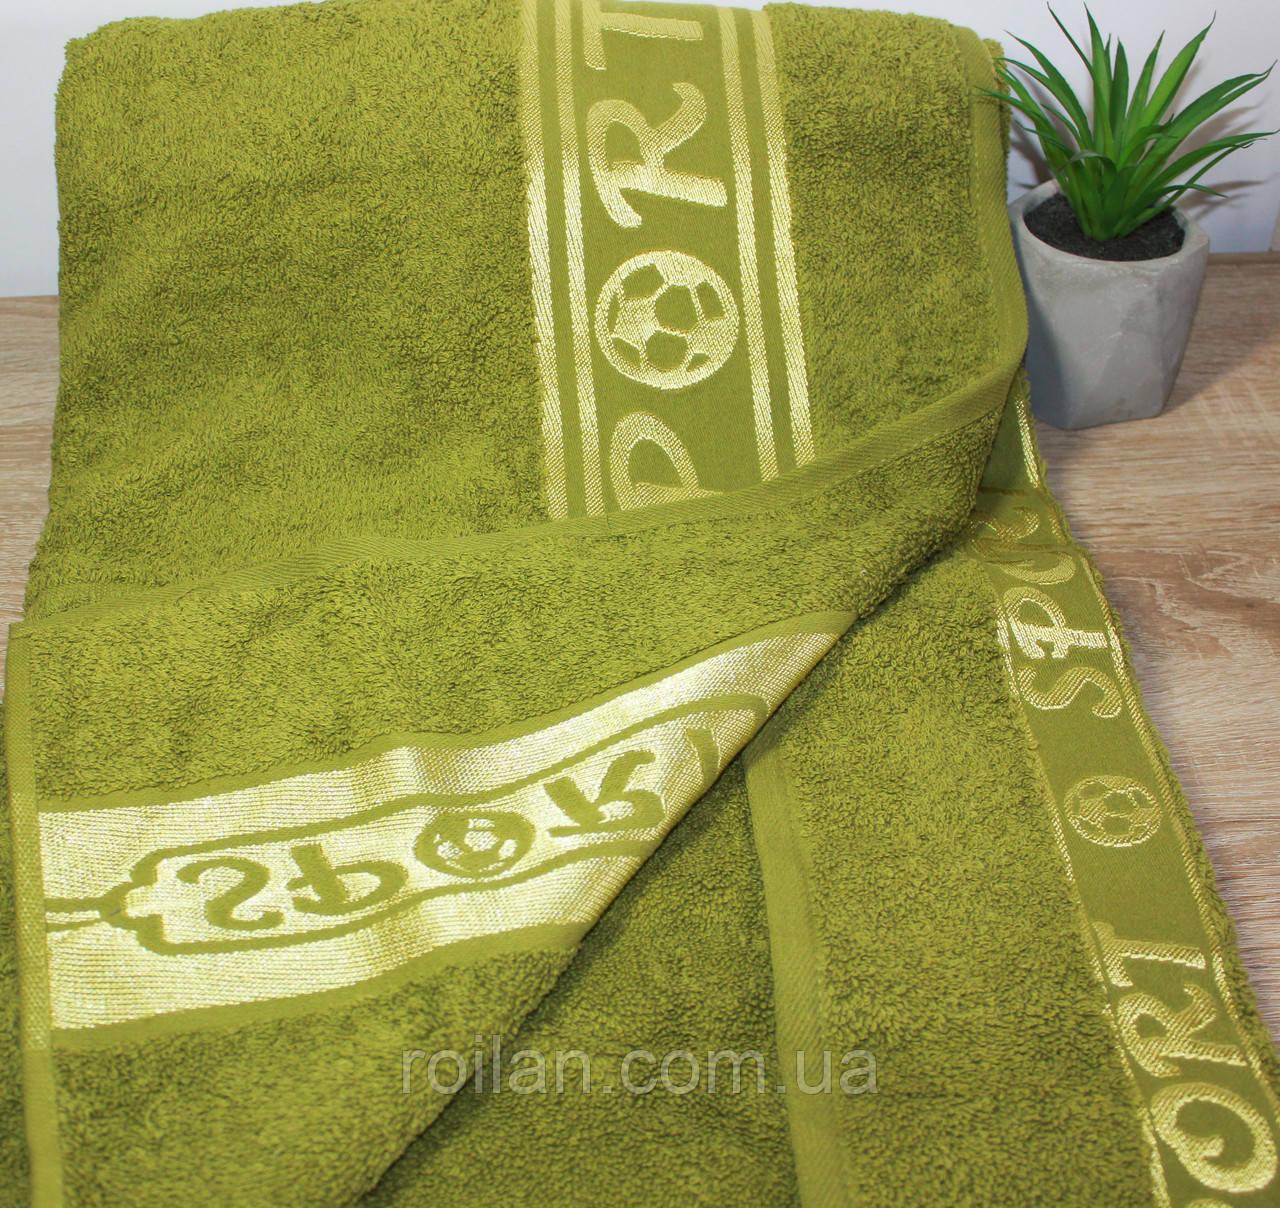 Полотенце в сауну SPORT Оливковый цвет